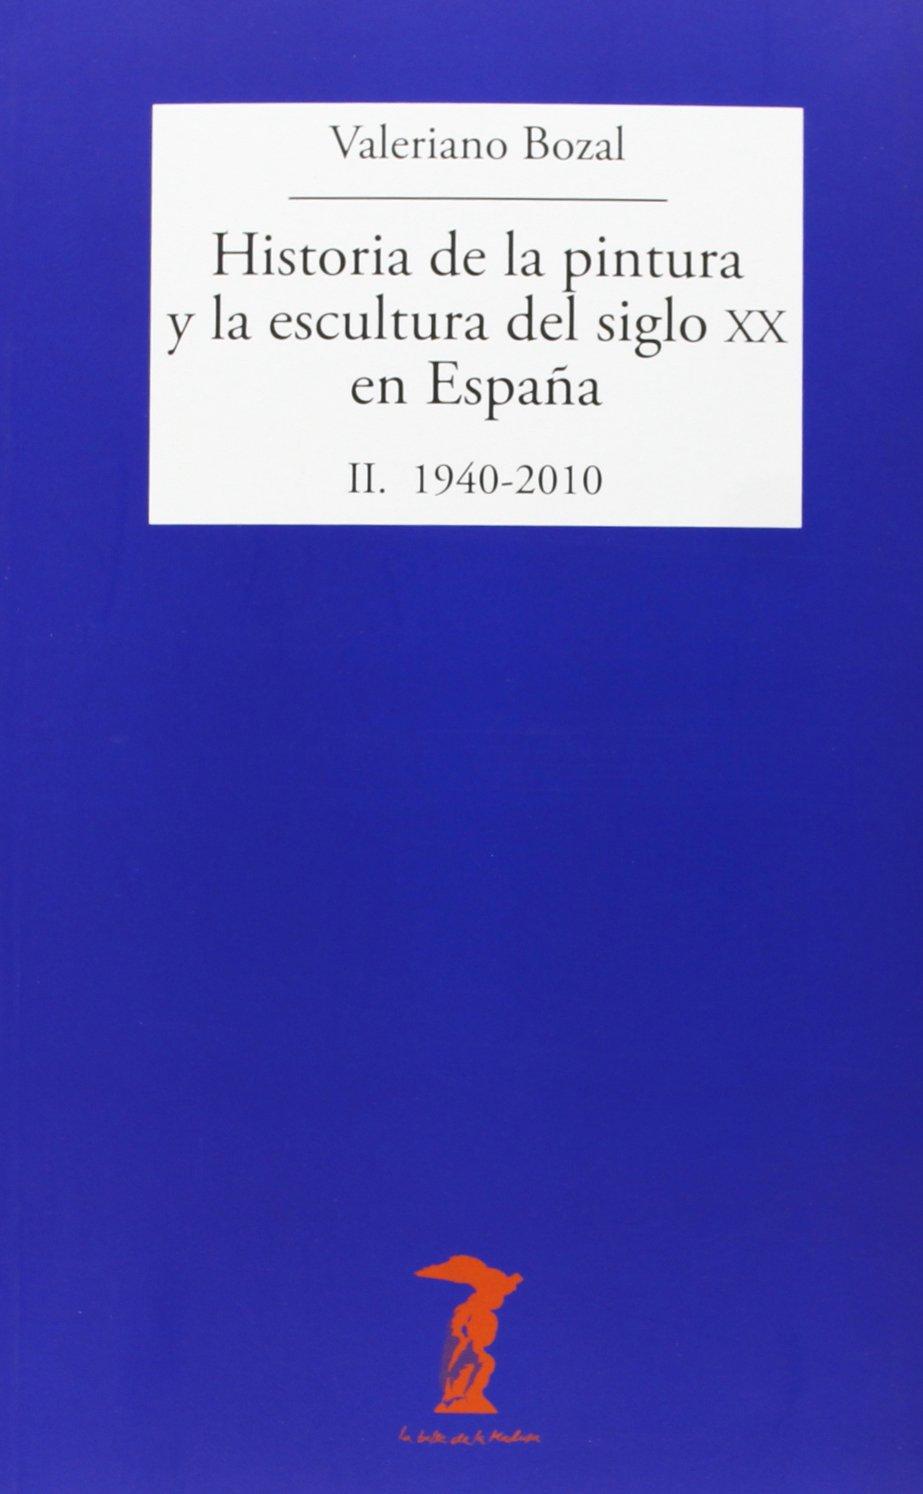 Historia de la pintura y la escultura del siglo XX en España: II ...